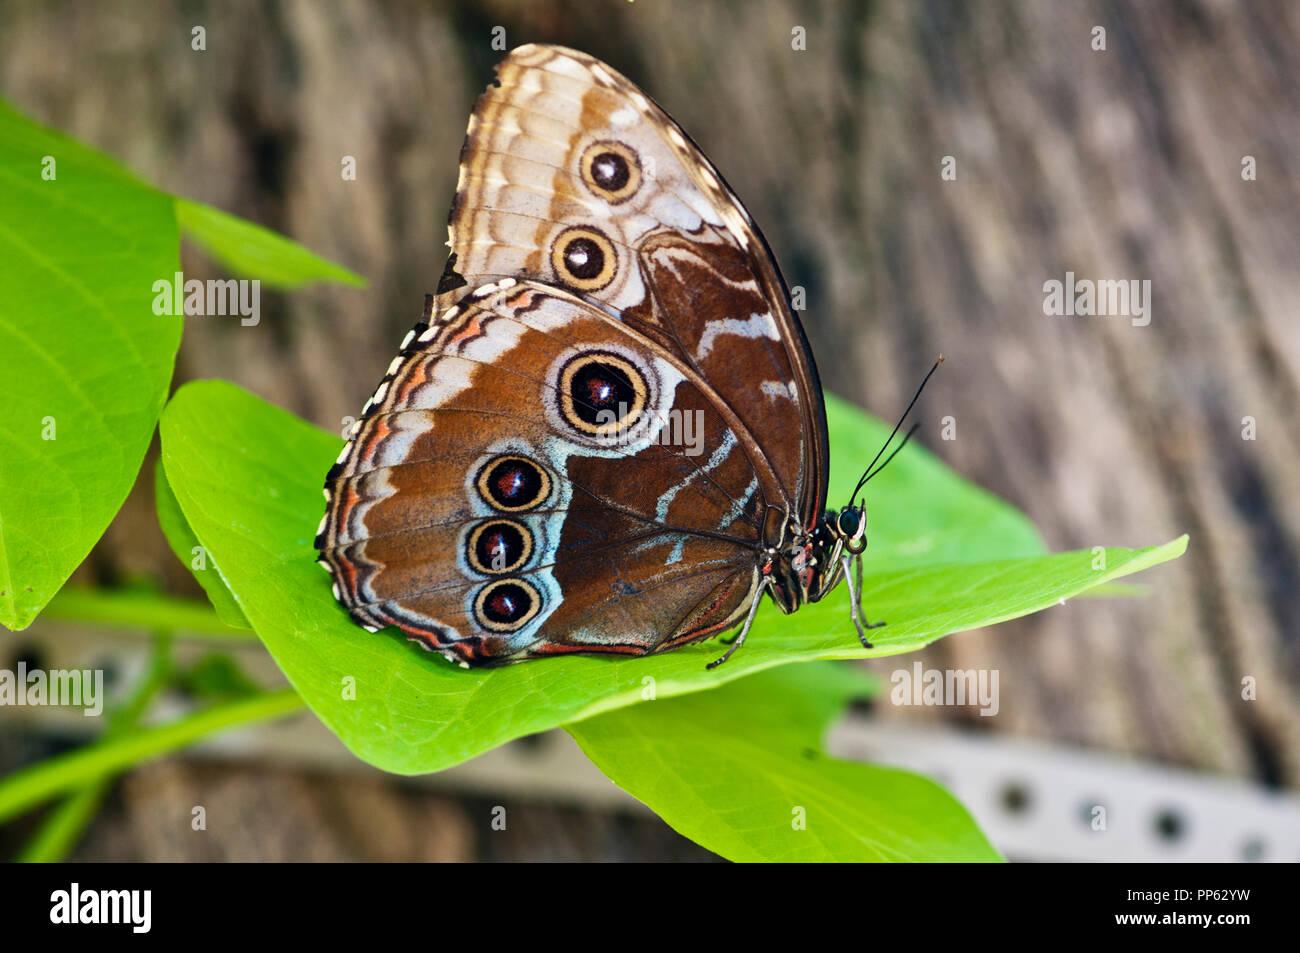 Vue ventrale d'aile de papillon bleu morpho peleides Morpho (papillon) dans l'affichage à la Boise City Zoo à Boise IDAHO Photo Stock